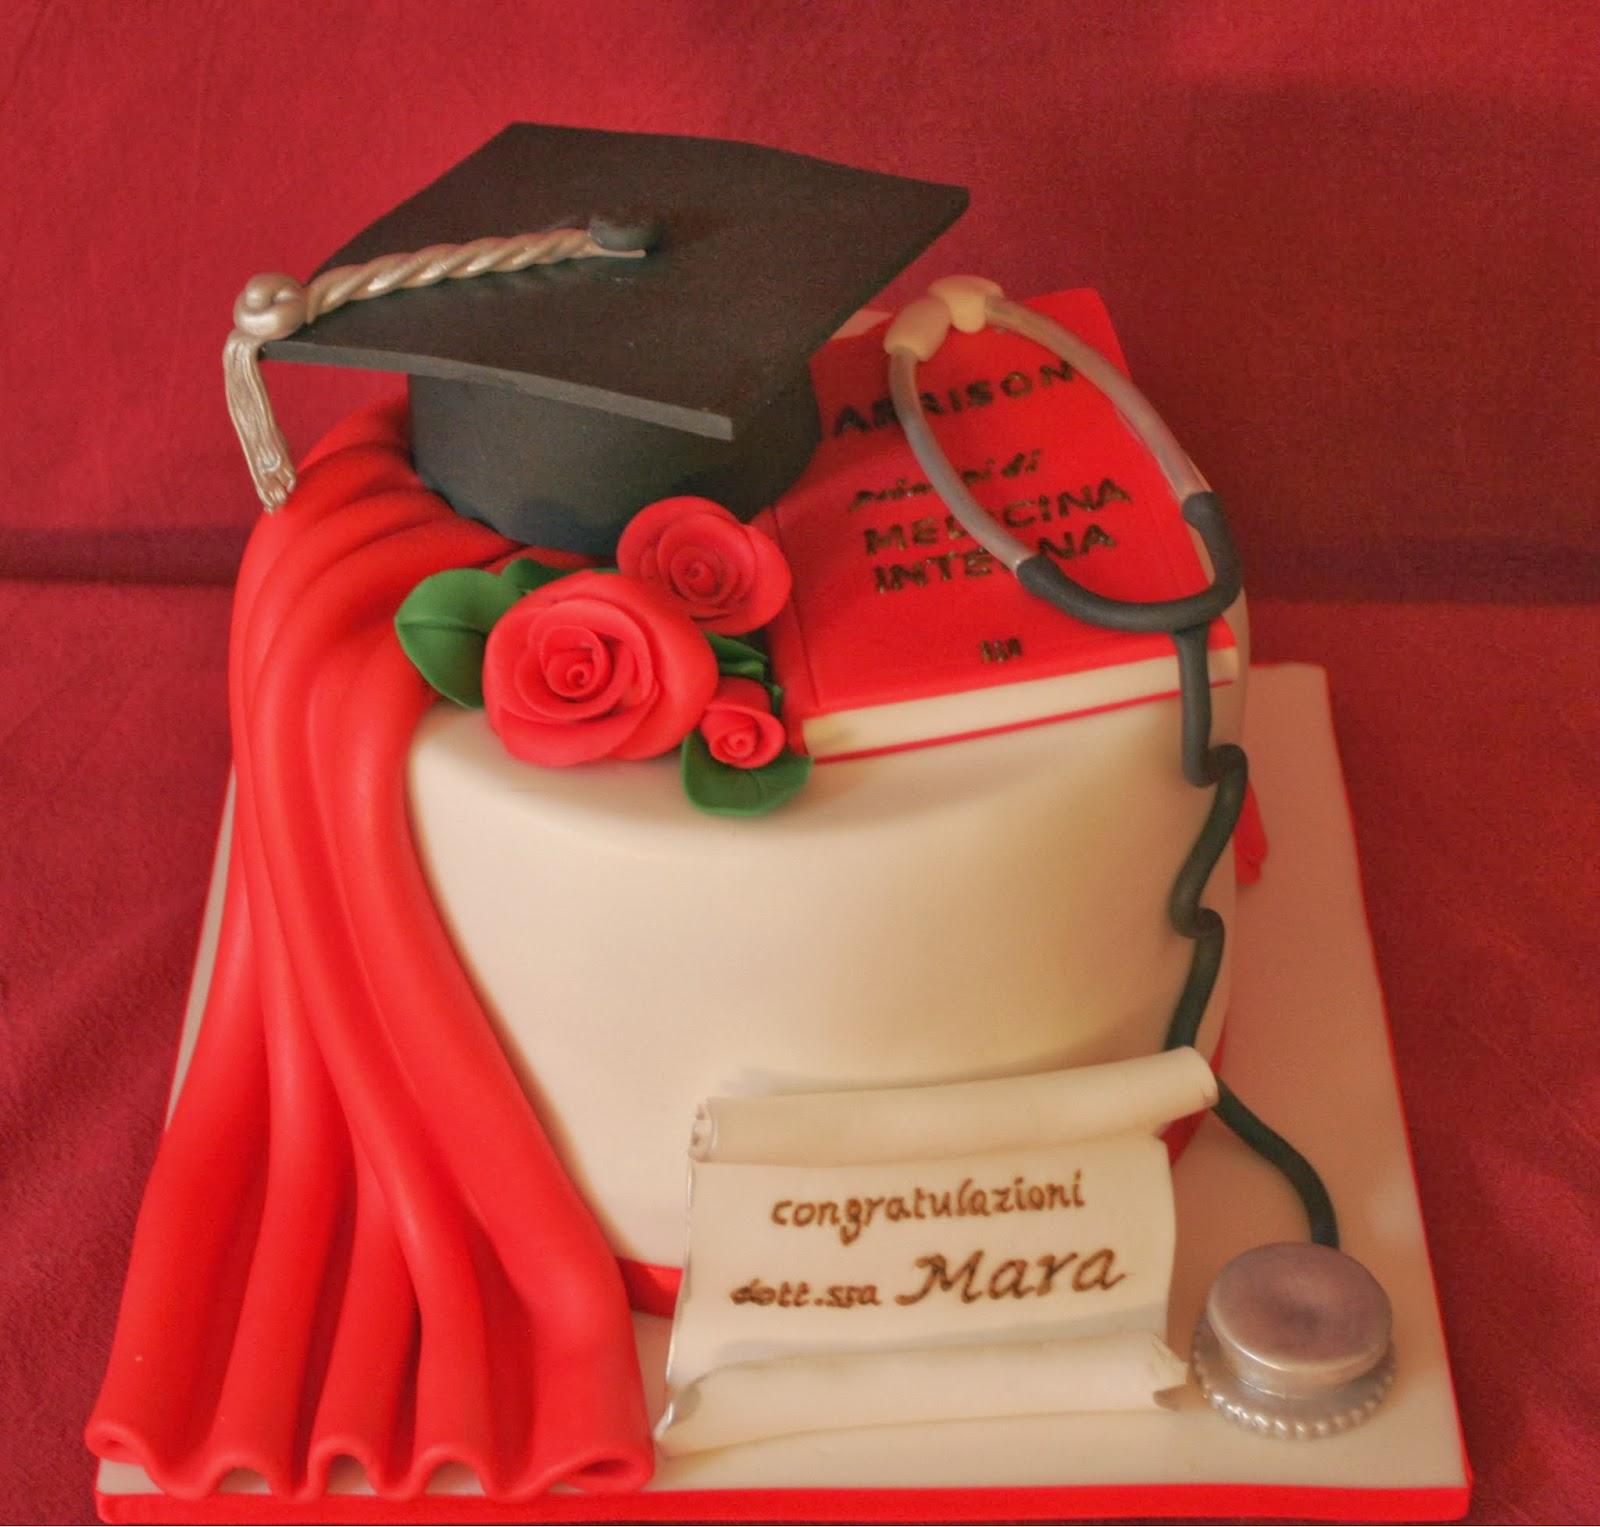 Amato Una laurea in medicina! | Ma che torte DA74